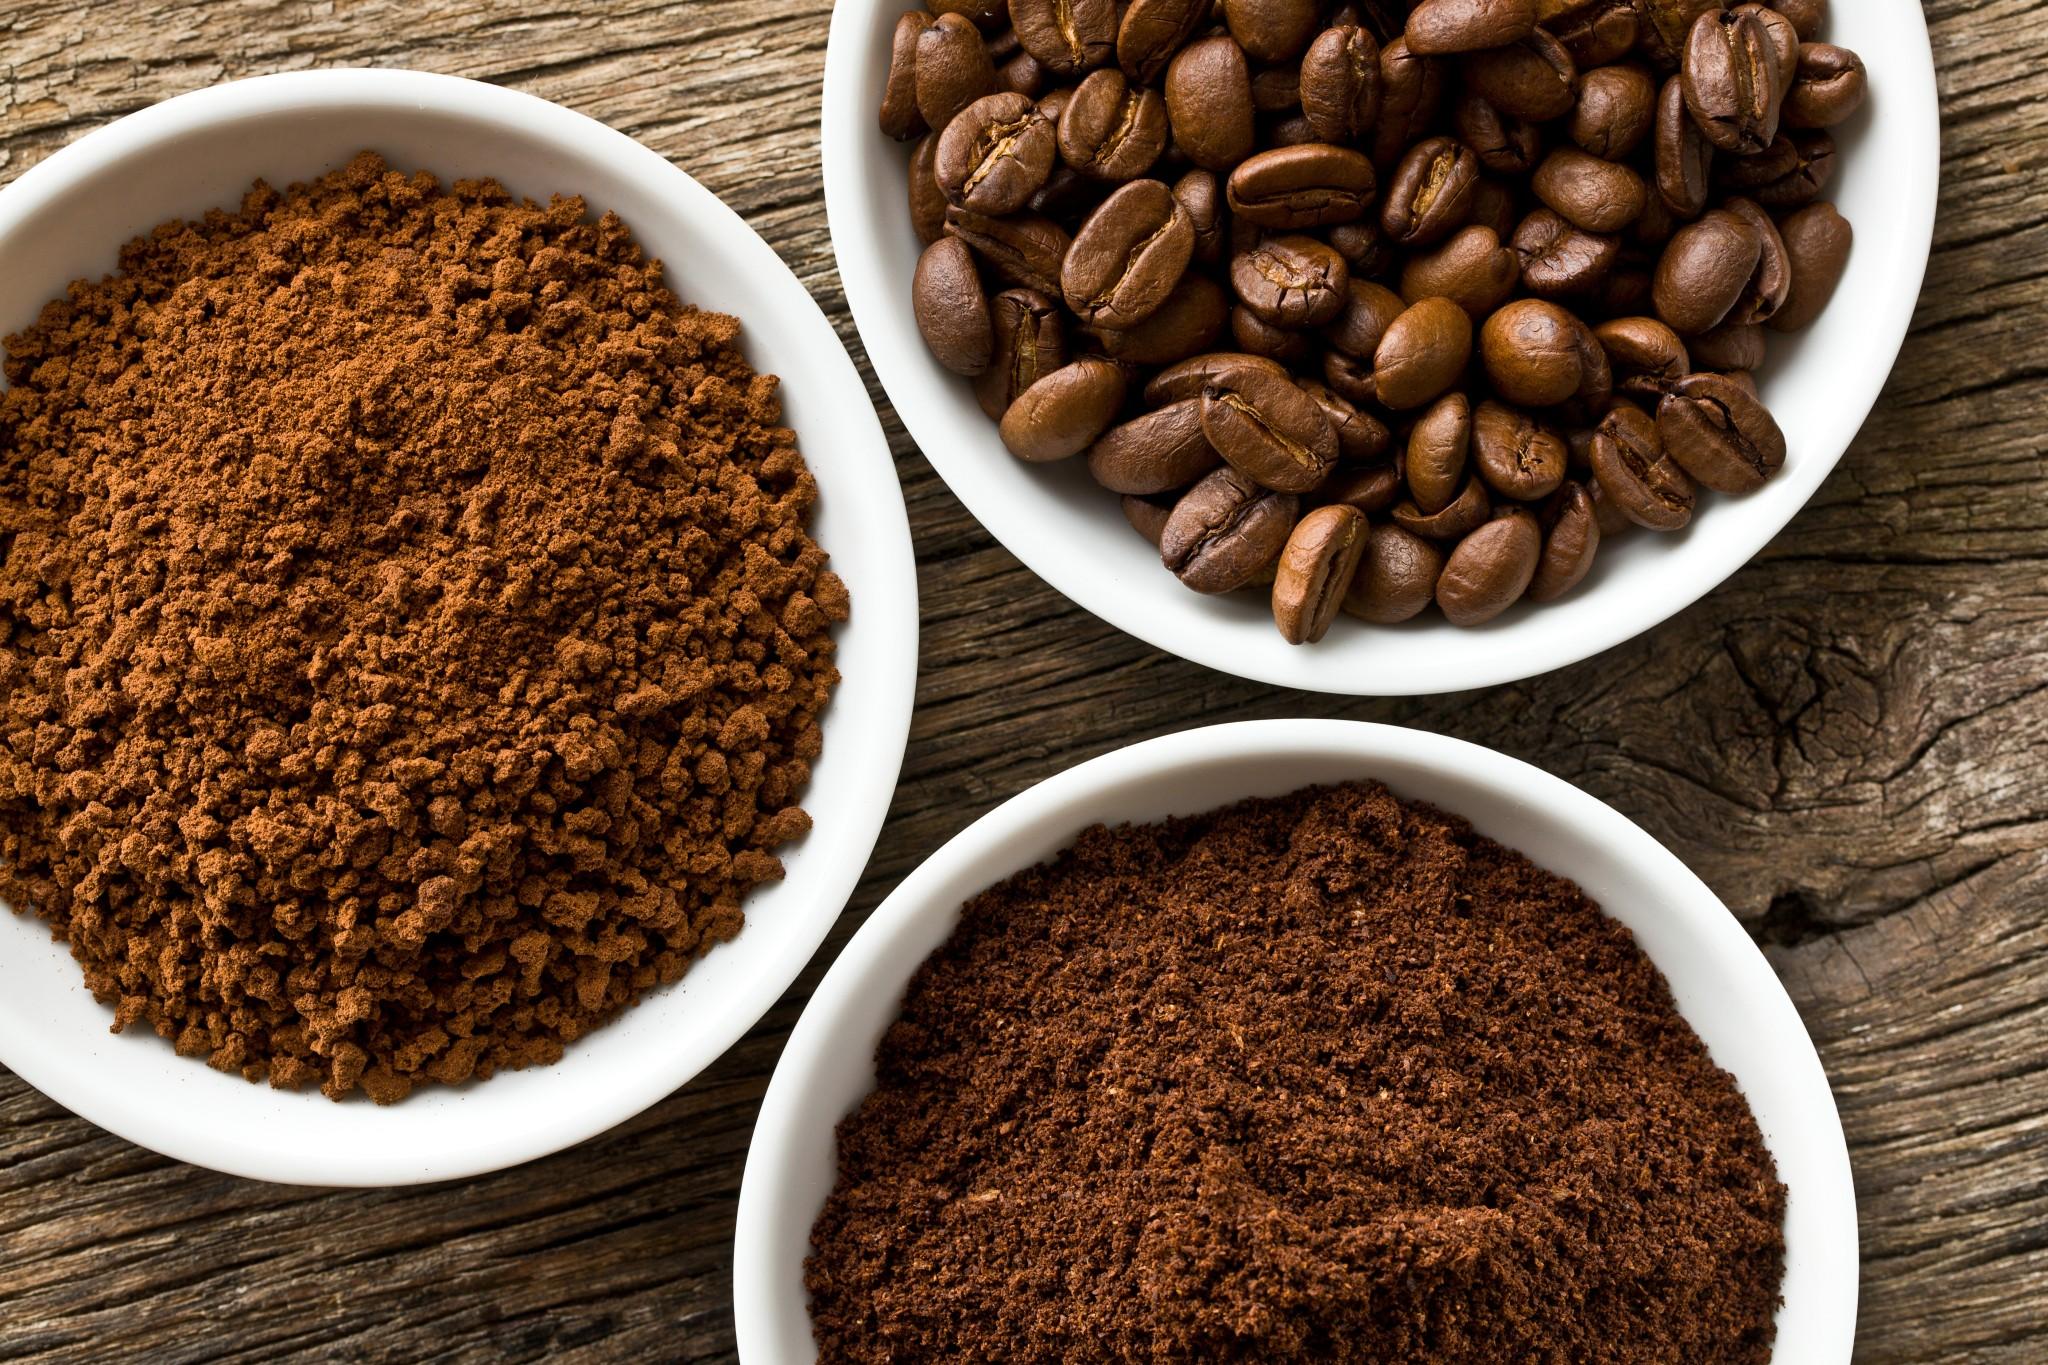 Bán bột cà phê nguyên chất tại Cà Phê Nguyên Chất.